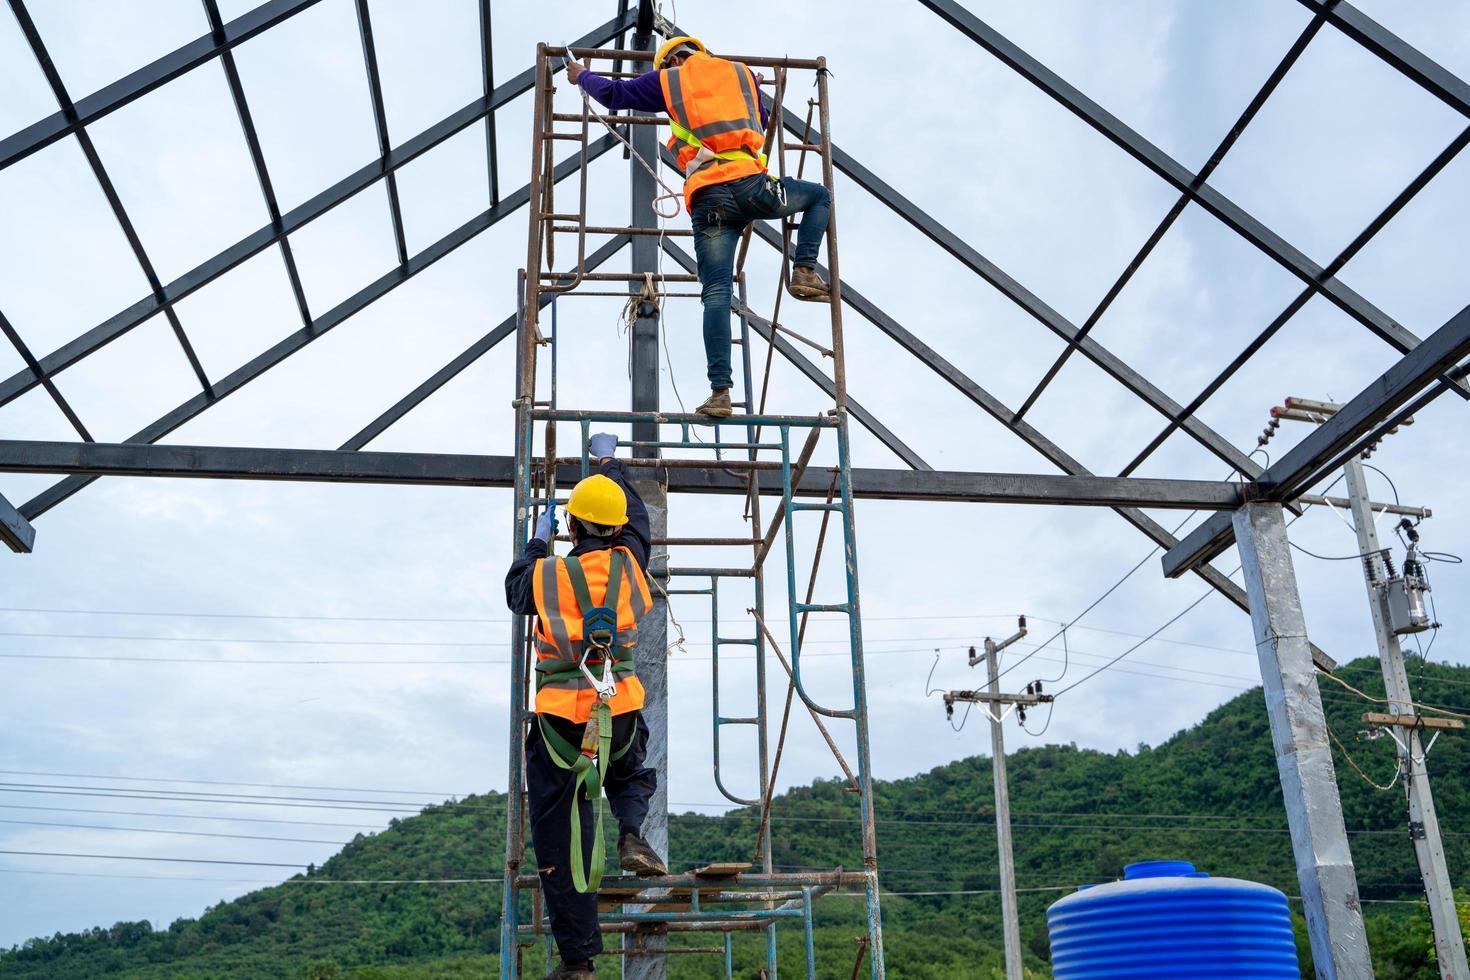 operai edili che indossano imbracature di sicurezza su ponteggi foto